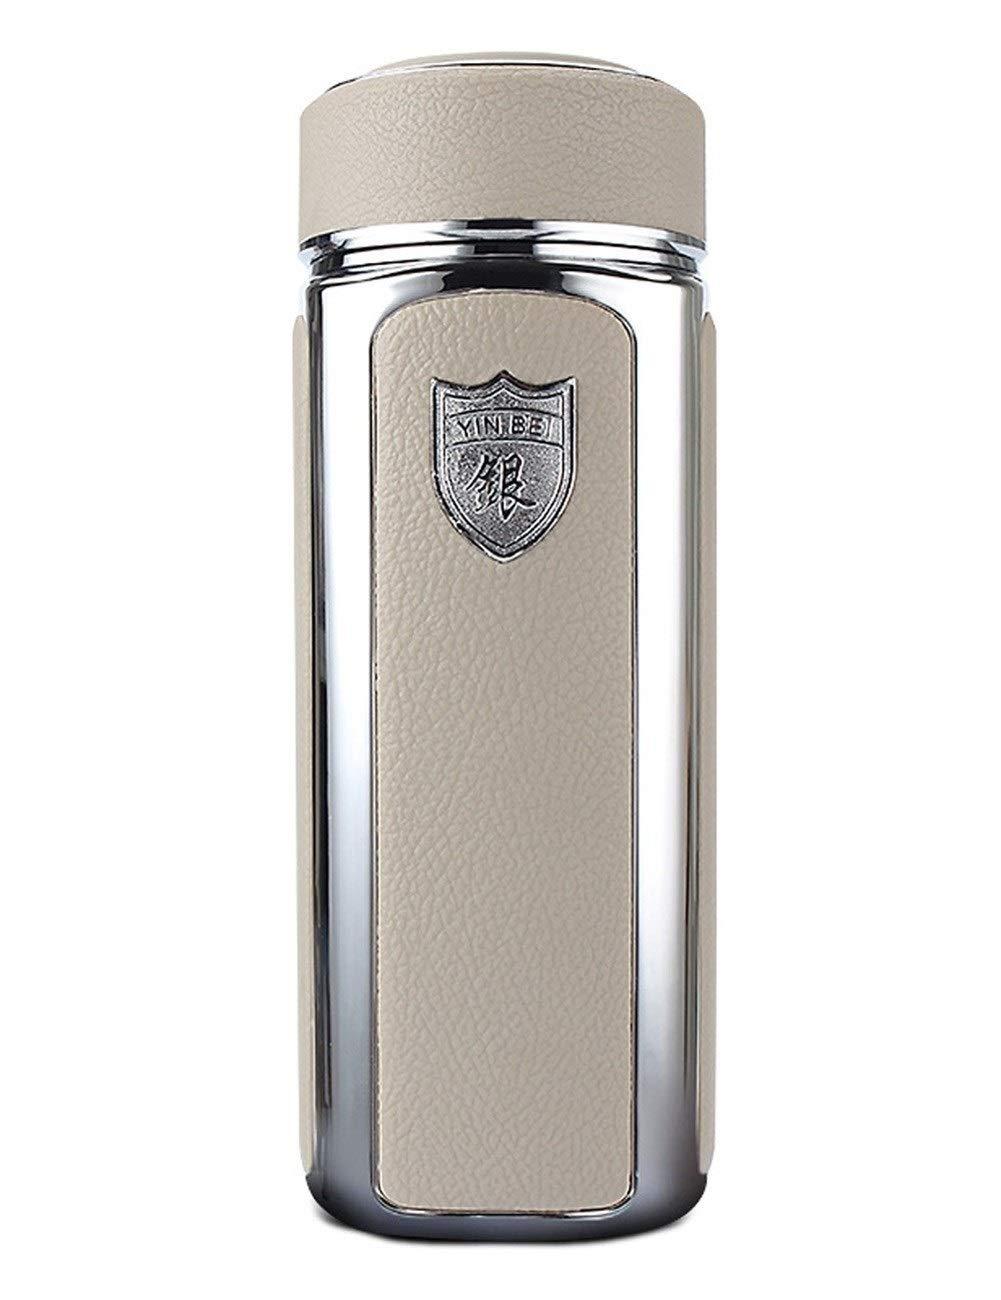 コーヒー魔法瓶少年と少女 スターリングシルバーのコーヒー魔法瓶、安全で健康的なコーヒー魔法瓶、長時間熱くて冷たく保つ、再利用可能なビジネスカップ、ビジネス、オフィス、学校、宴会350ML コーヒー、ワイン (Color : 銀) 銀